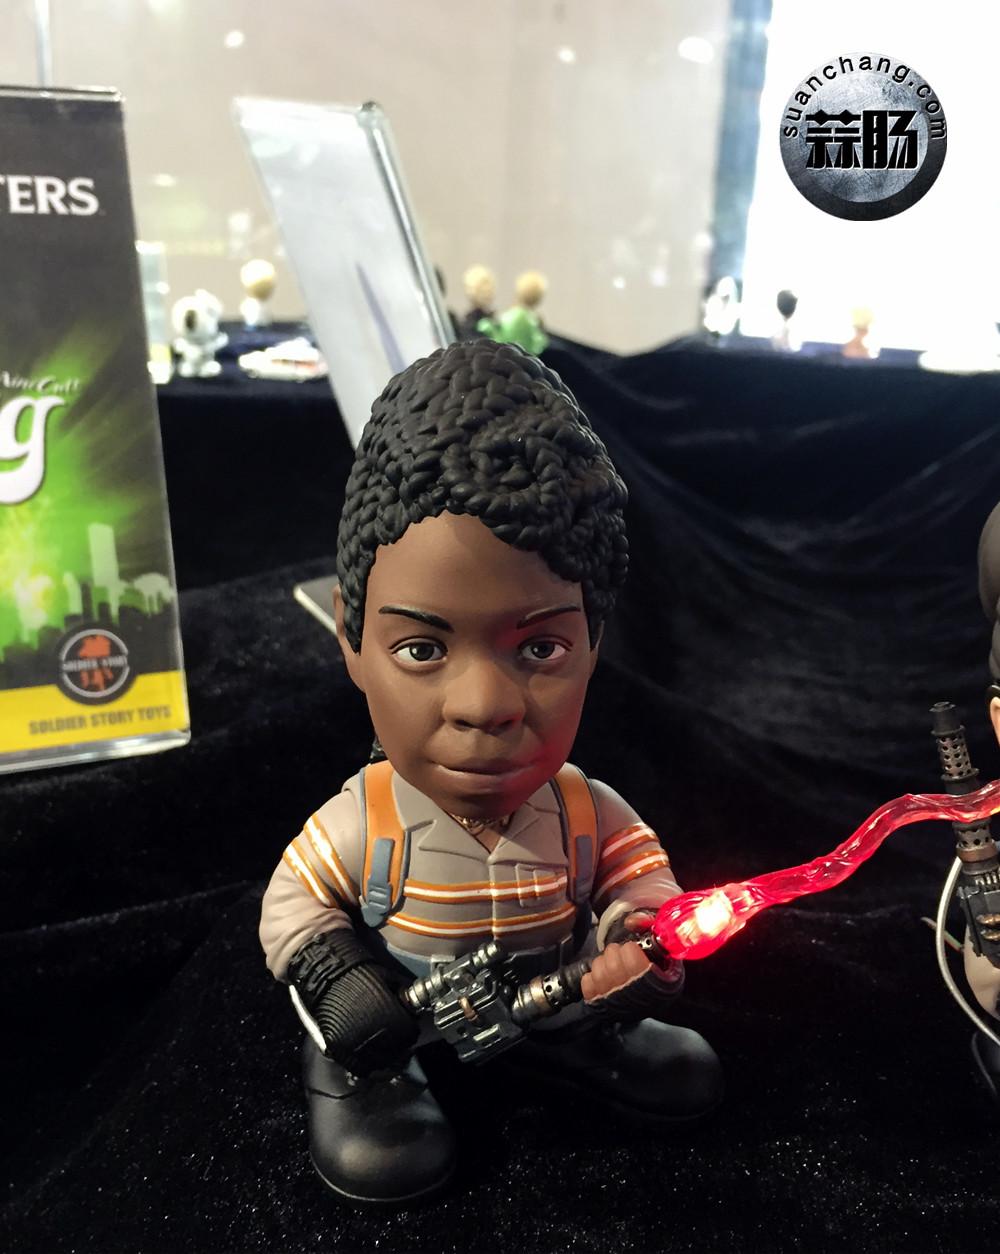 Soldier Story 推出的《捉鬼敢死队3》新角色人偶及周边产品亮相 动态 第7张